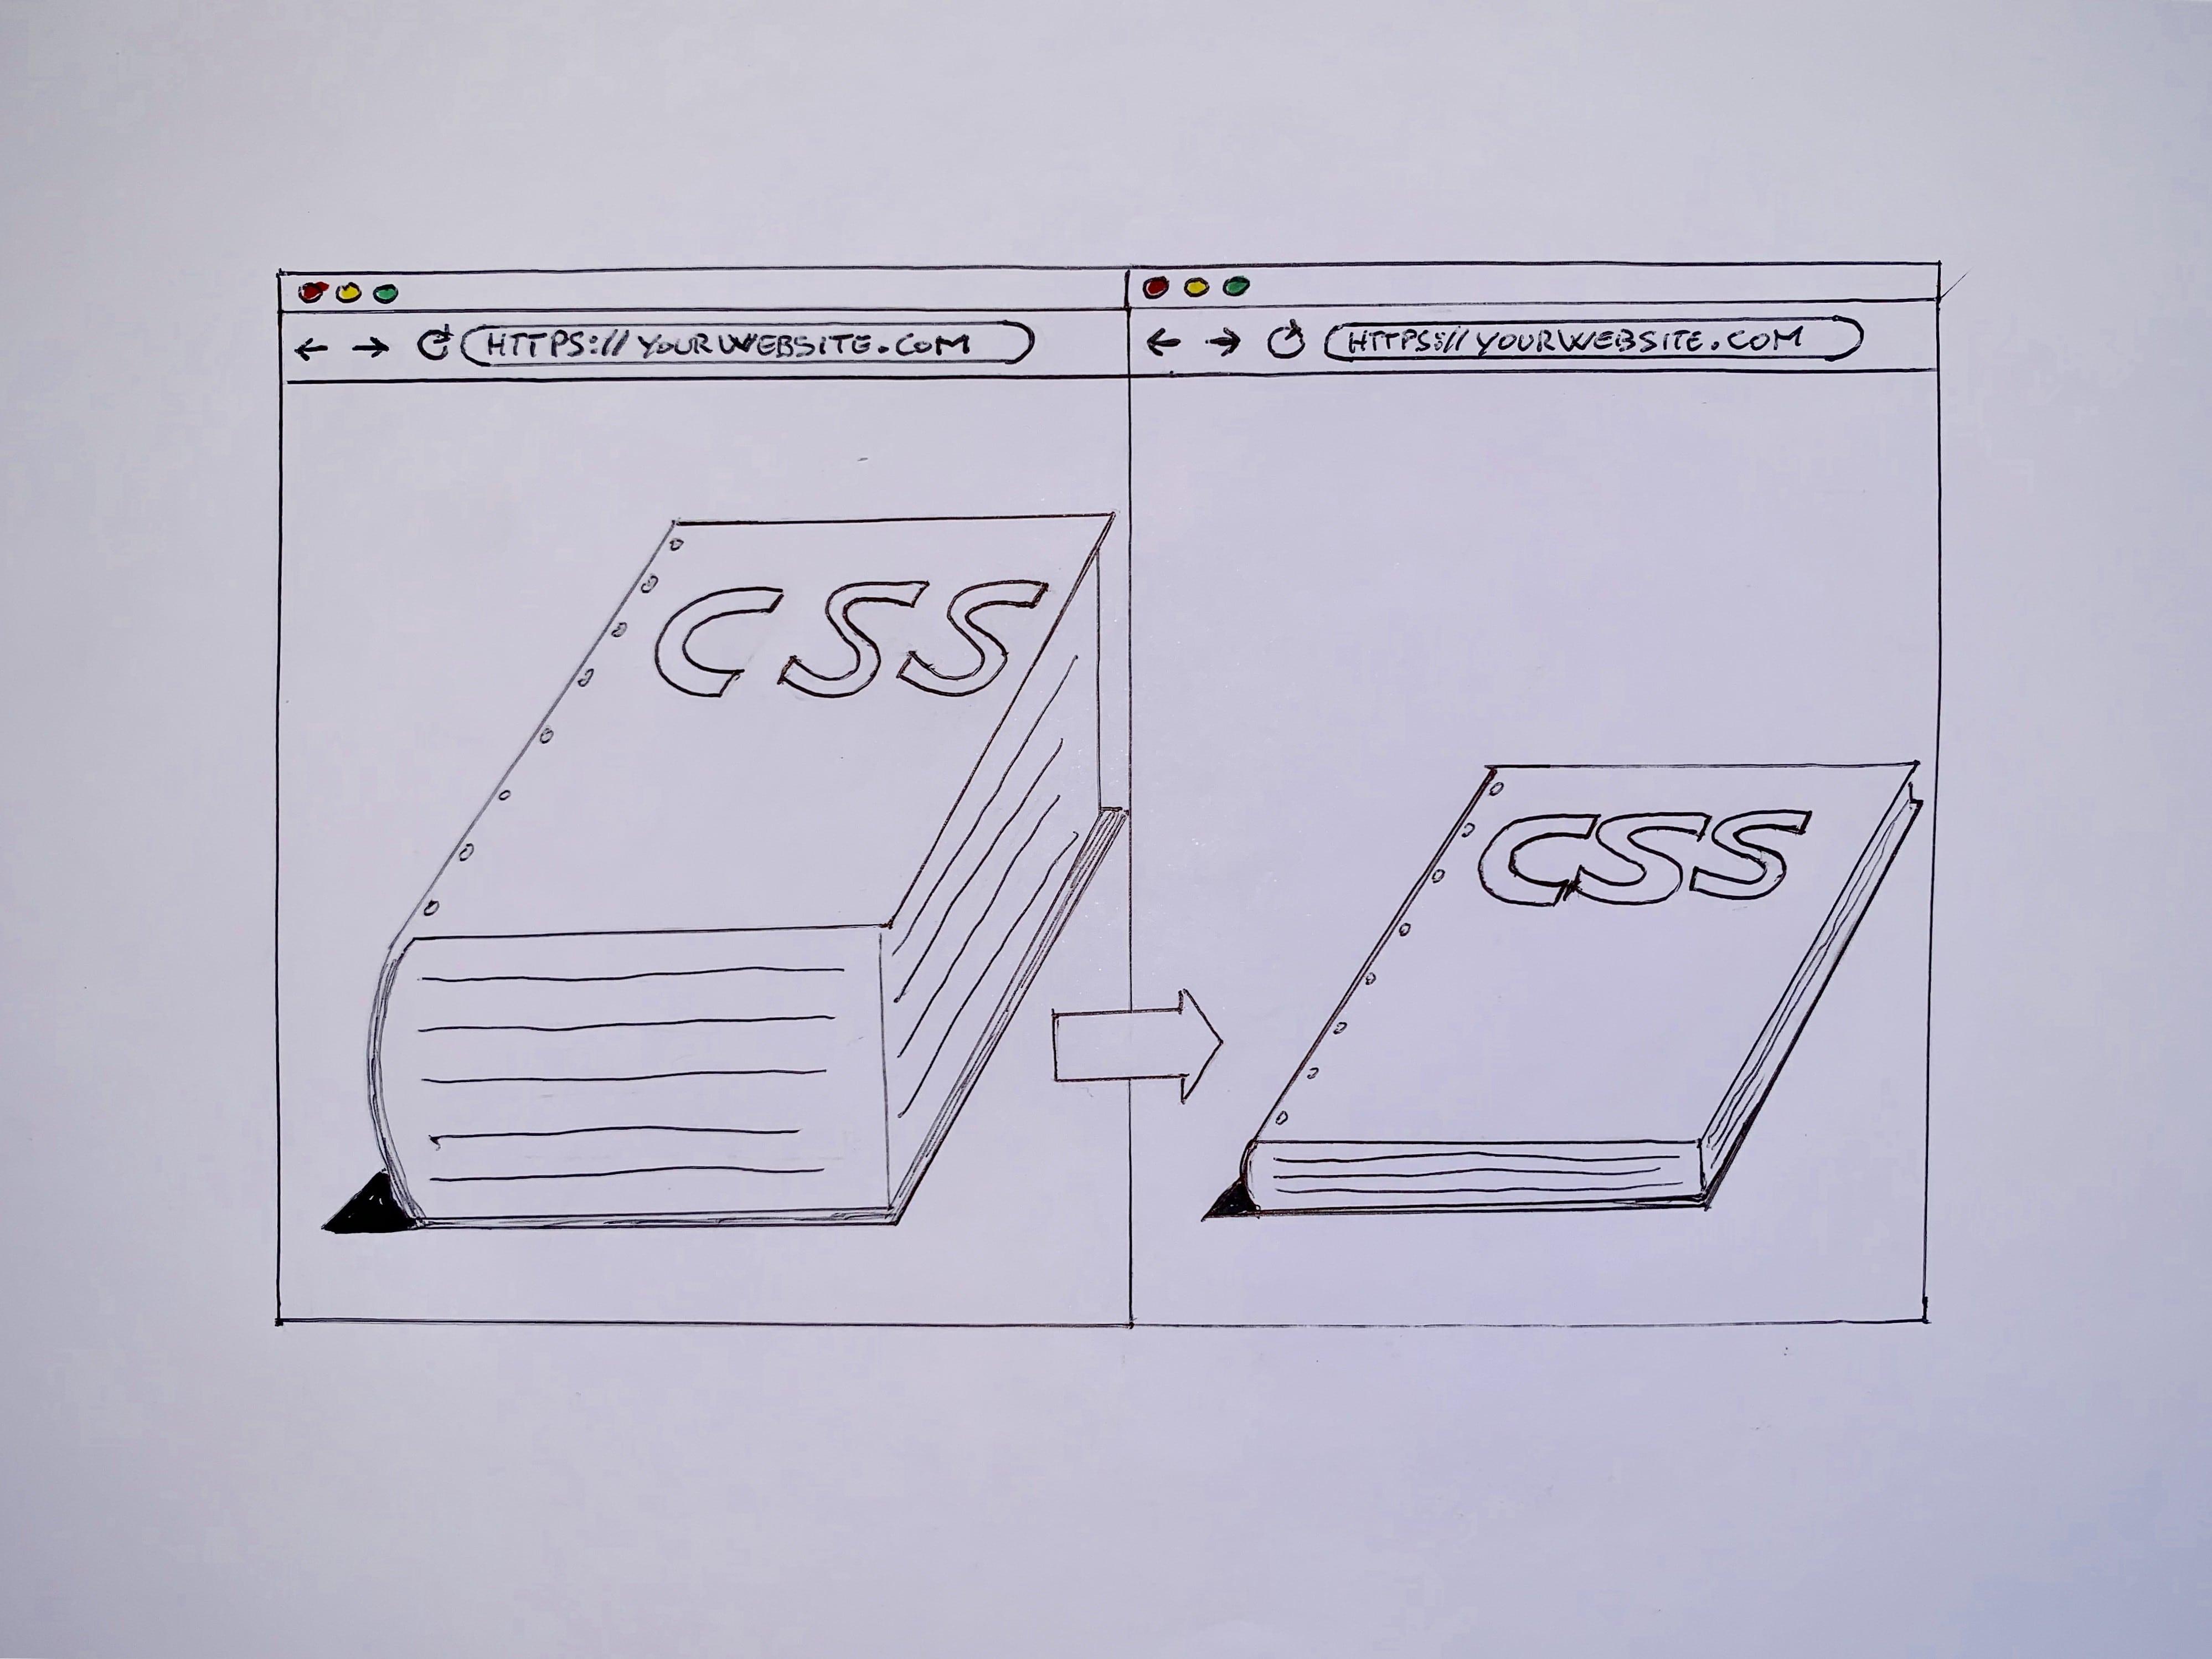 How to Remove Unused CSS